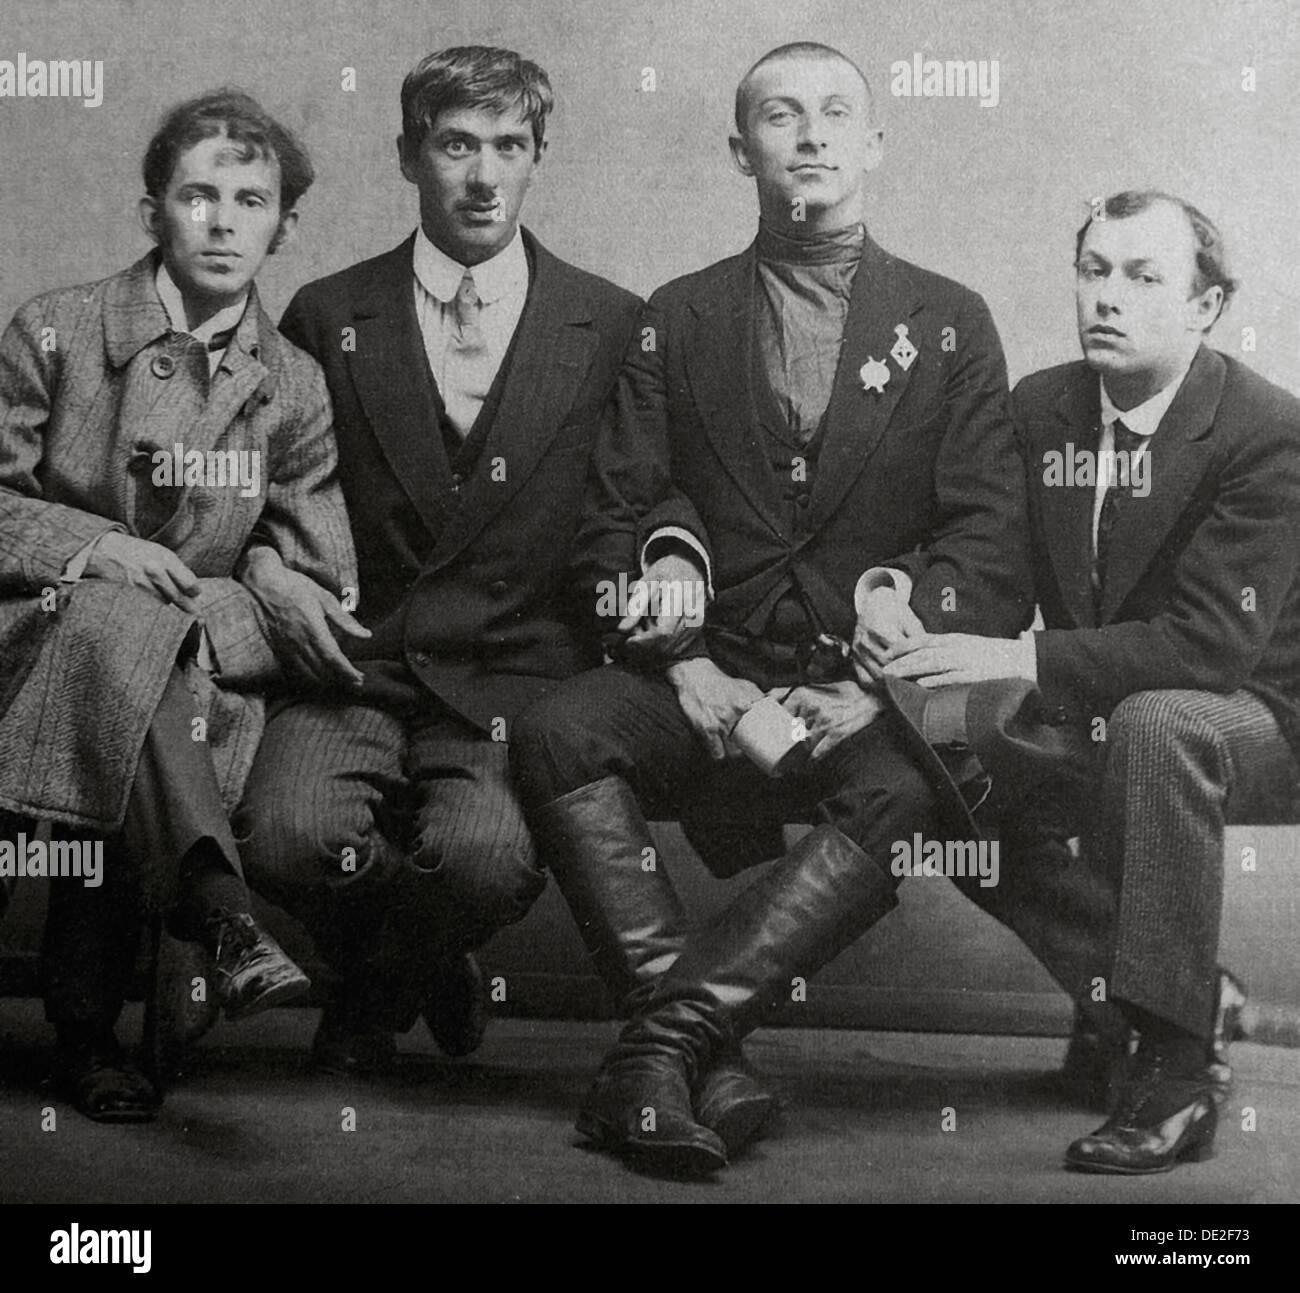 Osip Mandelstam, Korney Chukovsky, Benedikt Livshits and Yury Annenkov, 1914. Artist: Karl Karlovich Bulla - Stock Image